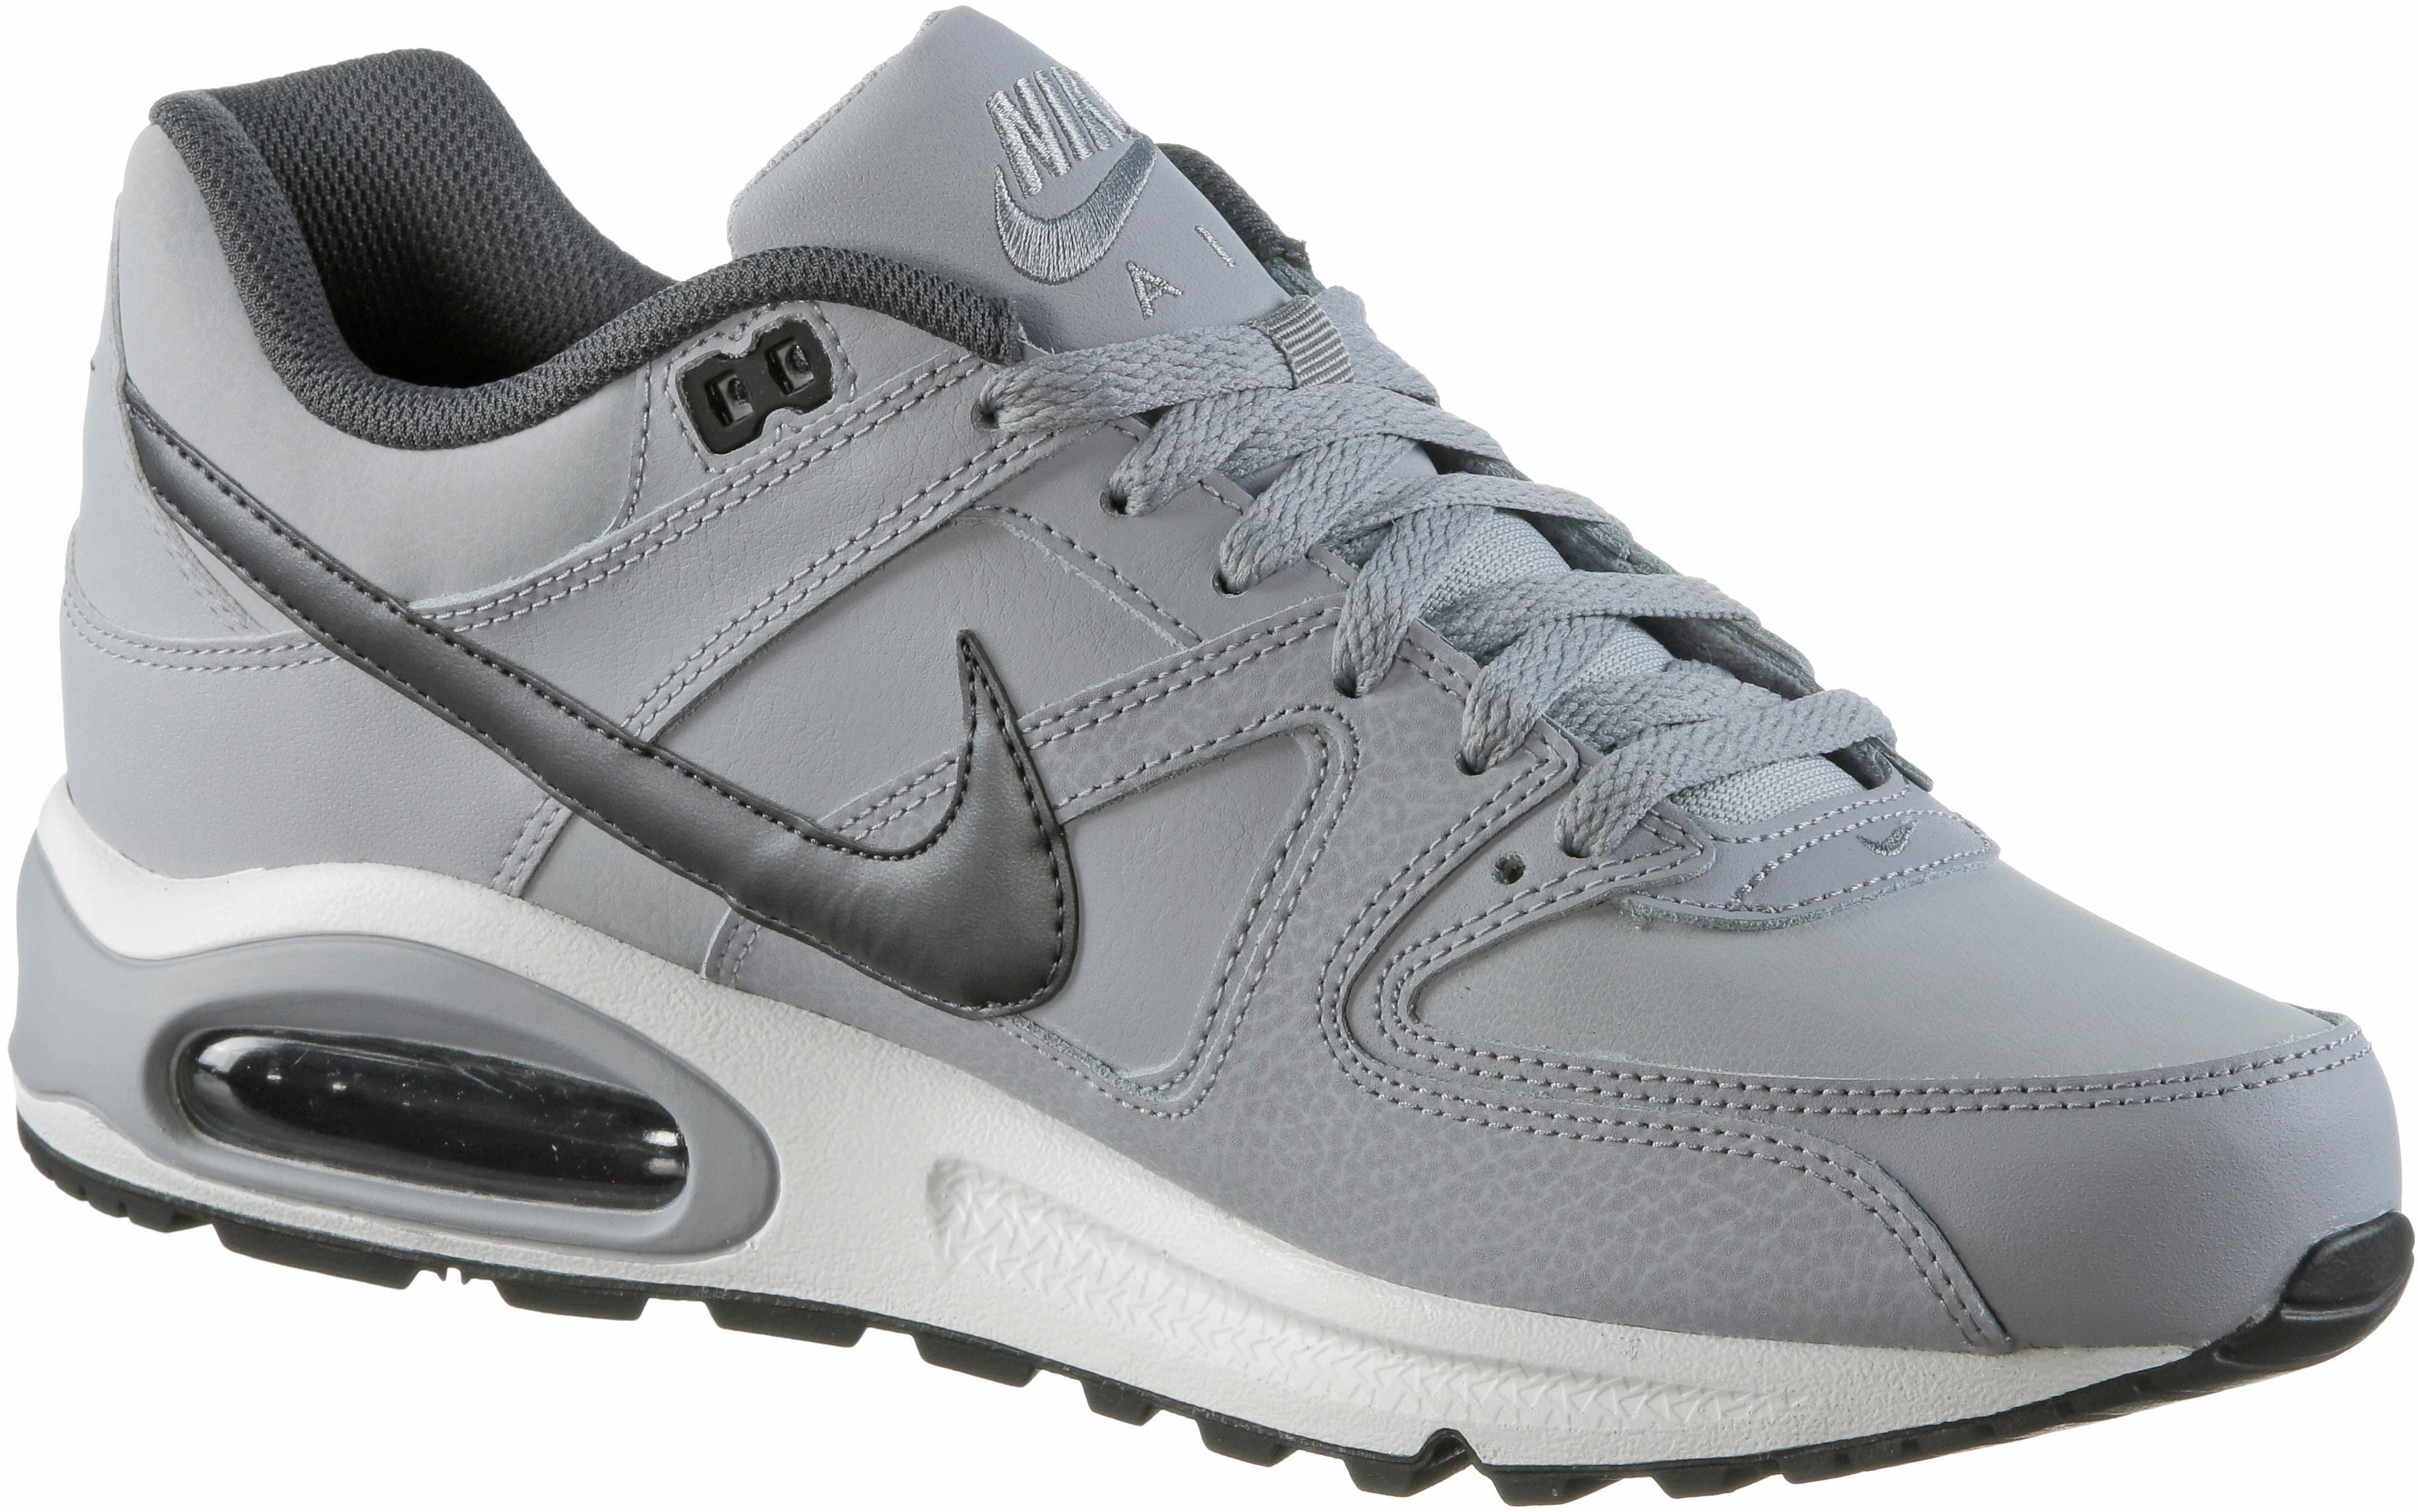 Nike AIR MAX COMMAND Turnschuhe Herren obsidian-metallic Silber von im Online Shop von Silber SportScheck kaufen Gute Qualität beliebte Schuhe 3701d9